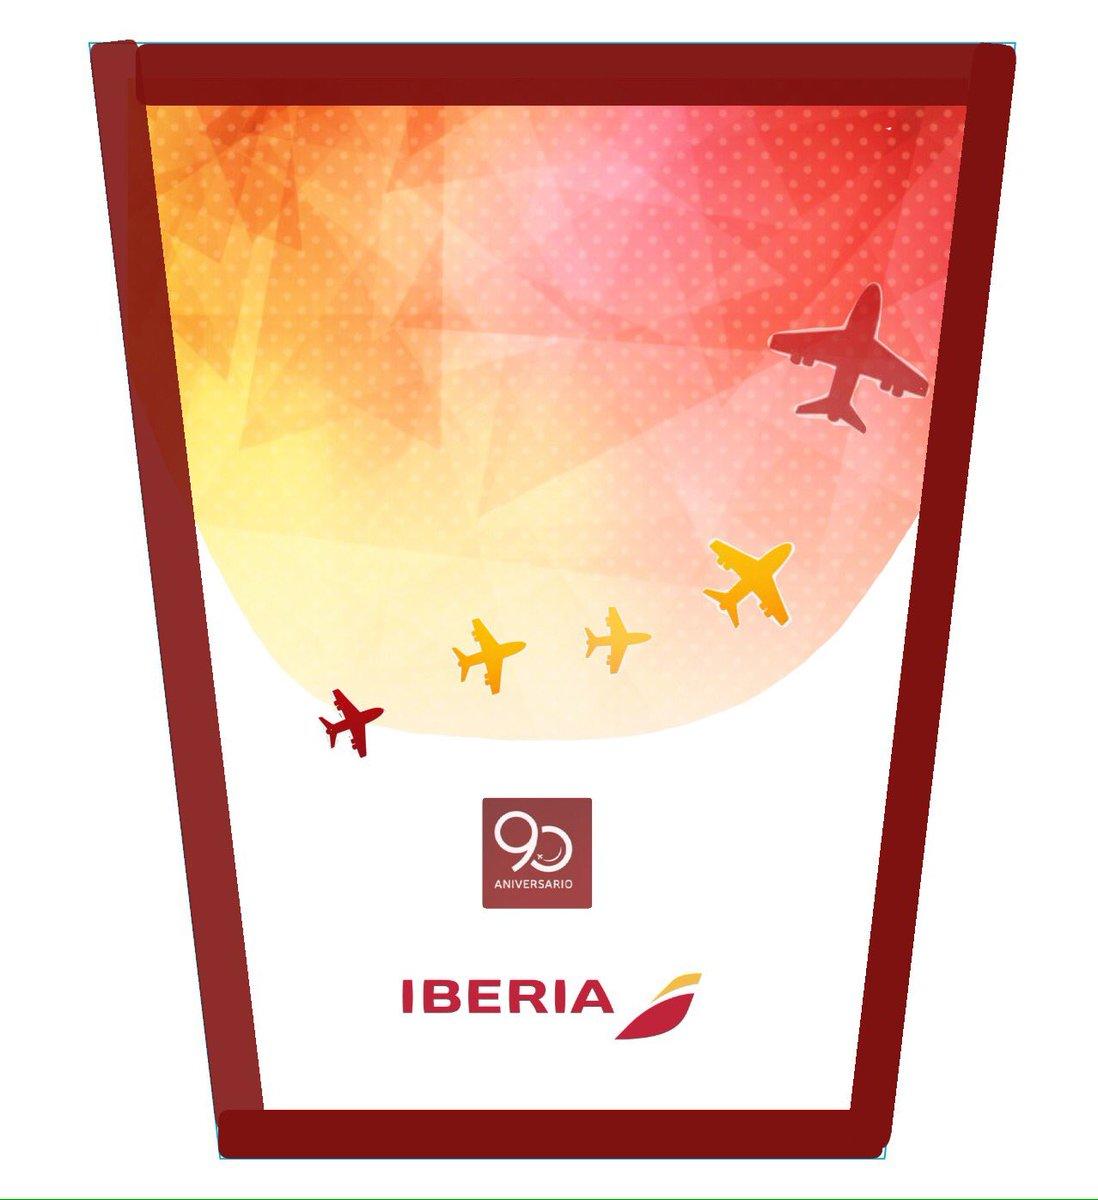 Resultado de imagen para Iberia 90 aniversarios